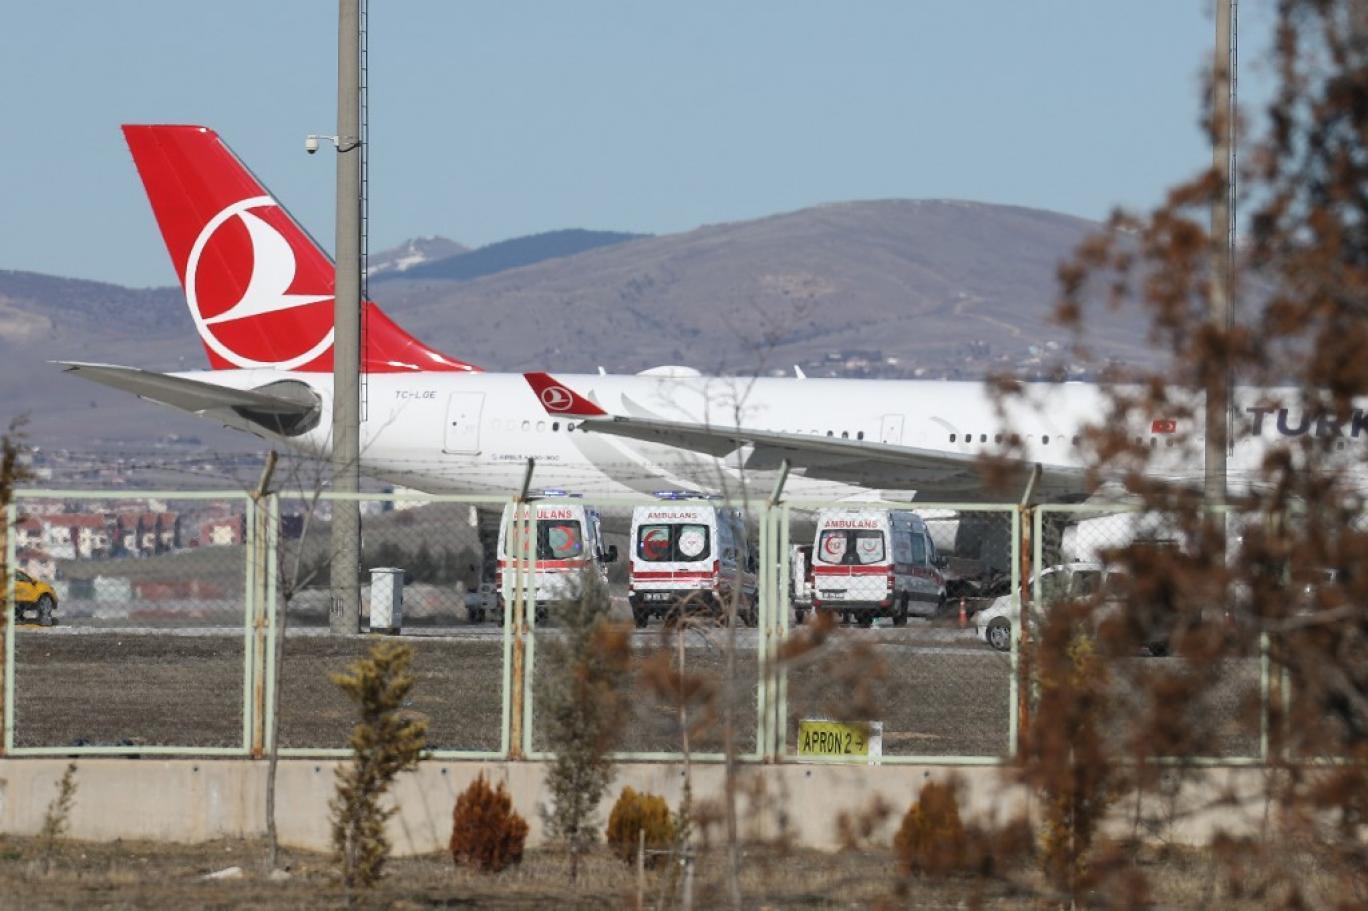 انتقاد از تاخیر در لغو رفت و آمدهای میان ایران و ترکیه